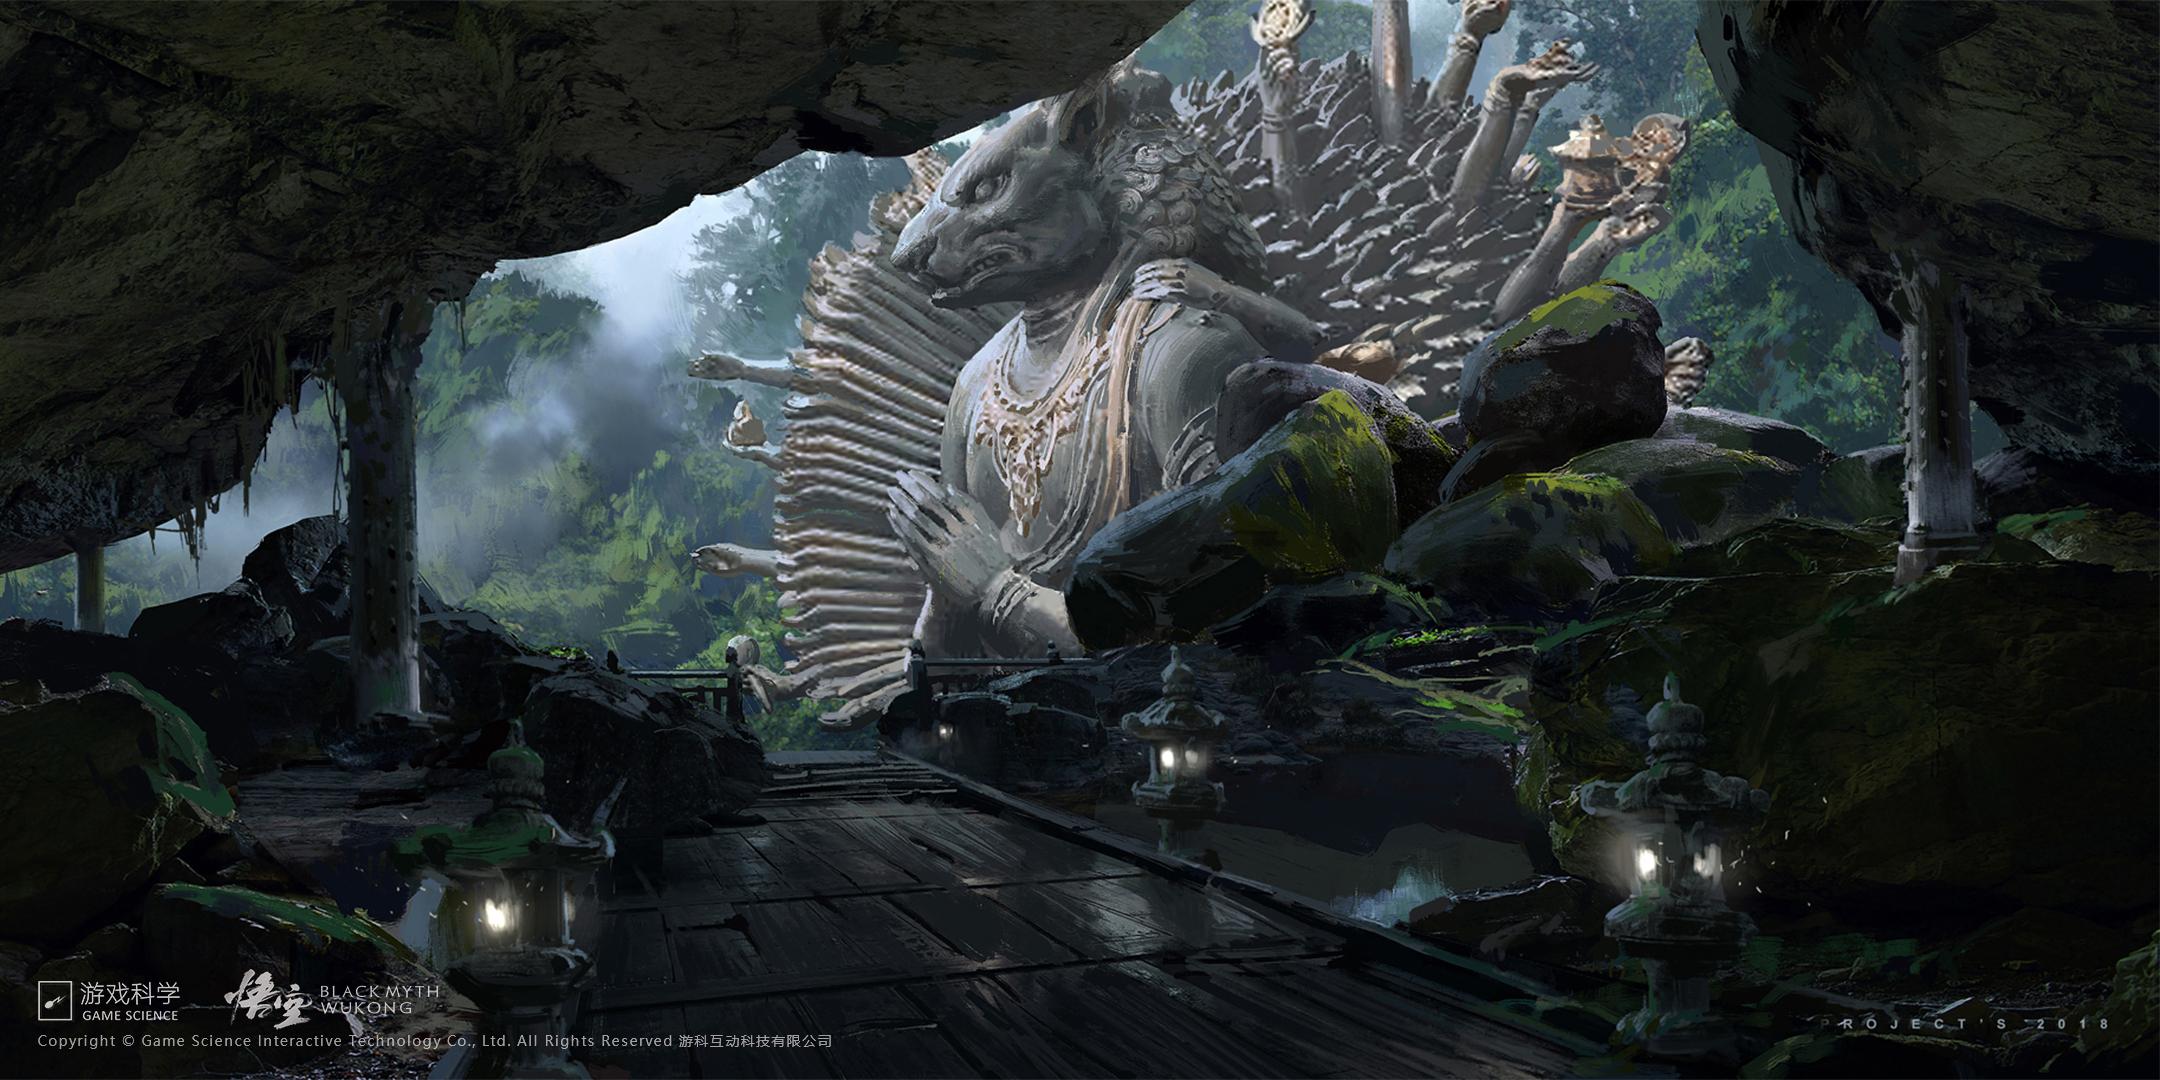 Xbox One Black Myth: Wukong